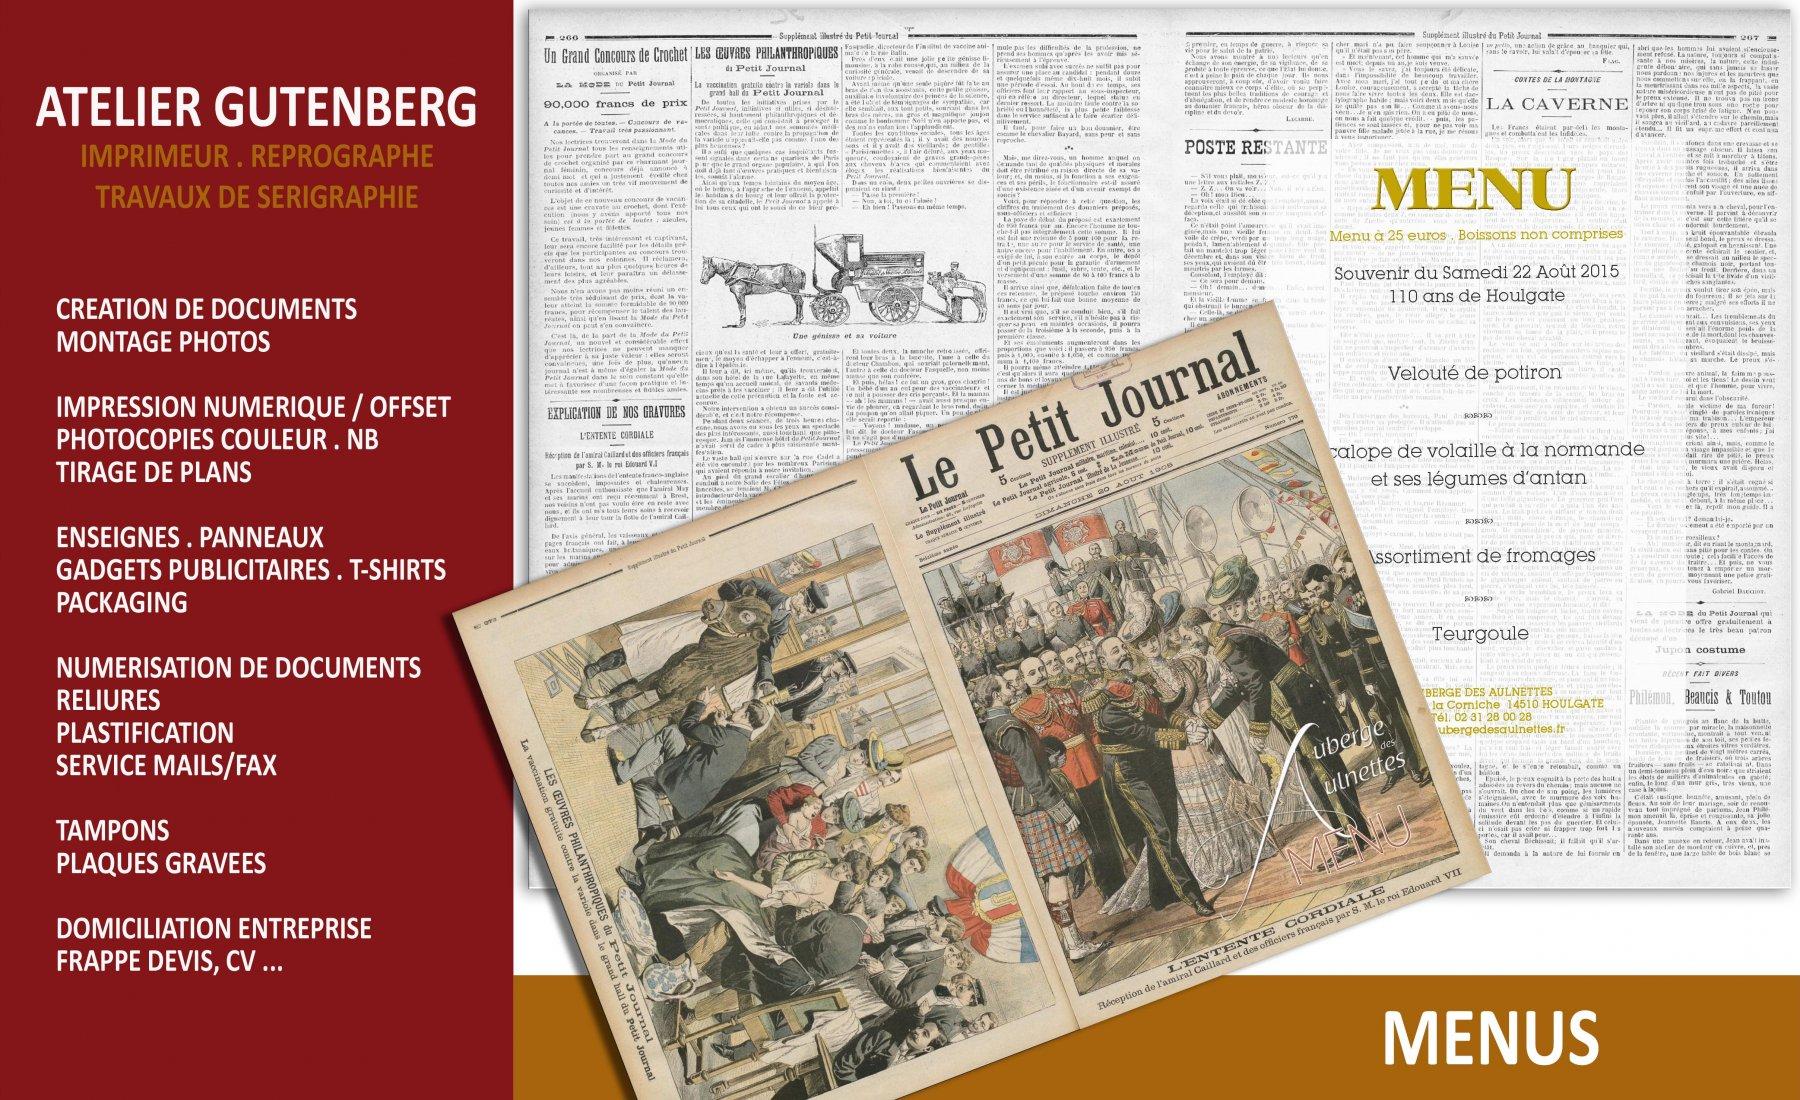 ateleir gutenberg menu en format A4 impression numerique couleur recto verso avec 1 pli